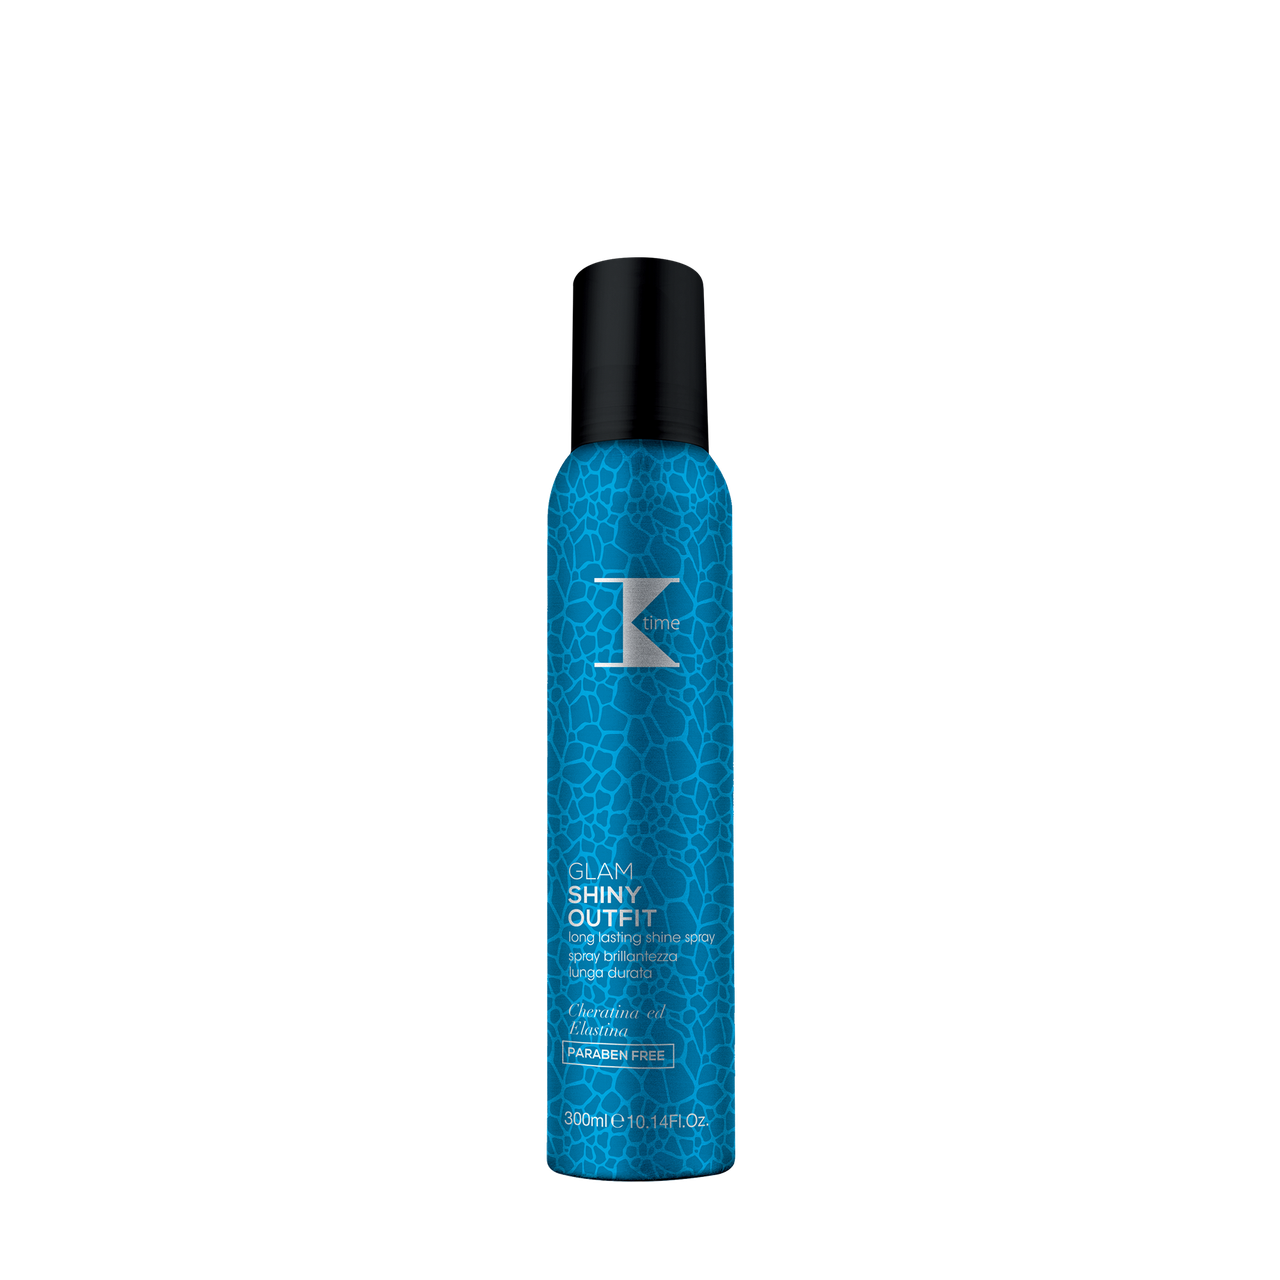 Спрей для стойкого блеска волос K-time Glam Shiny Outfit 300 мл